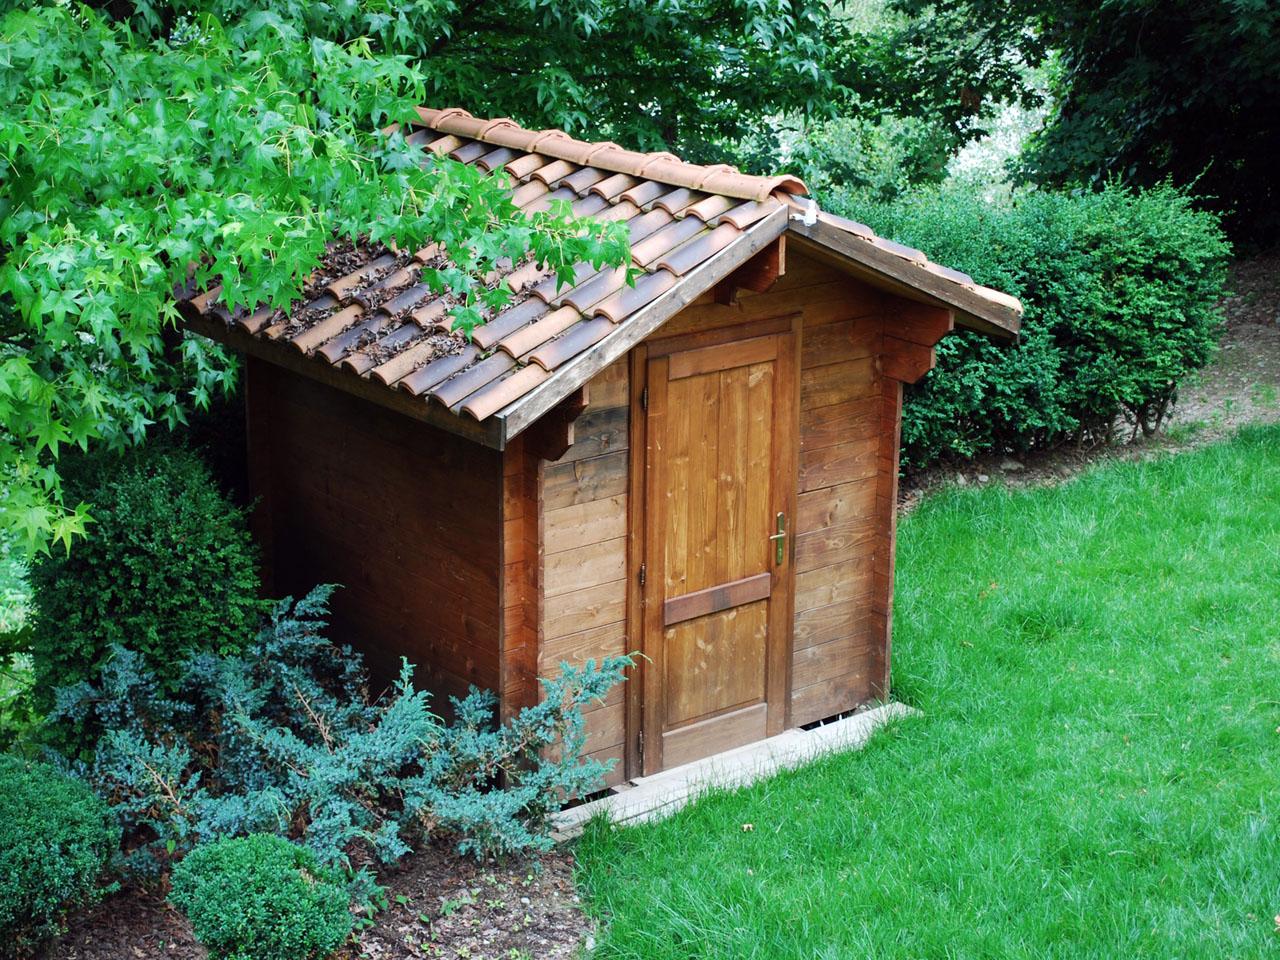 Installer Un Abri De Jardin Pour L'Hiver | Crédit Agricole ... encequiconcerne Abri De Jardin Pour Télescope